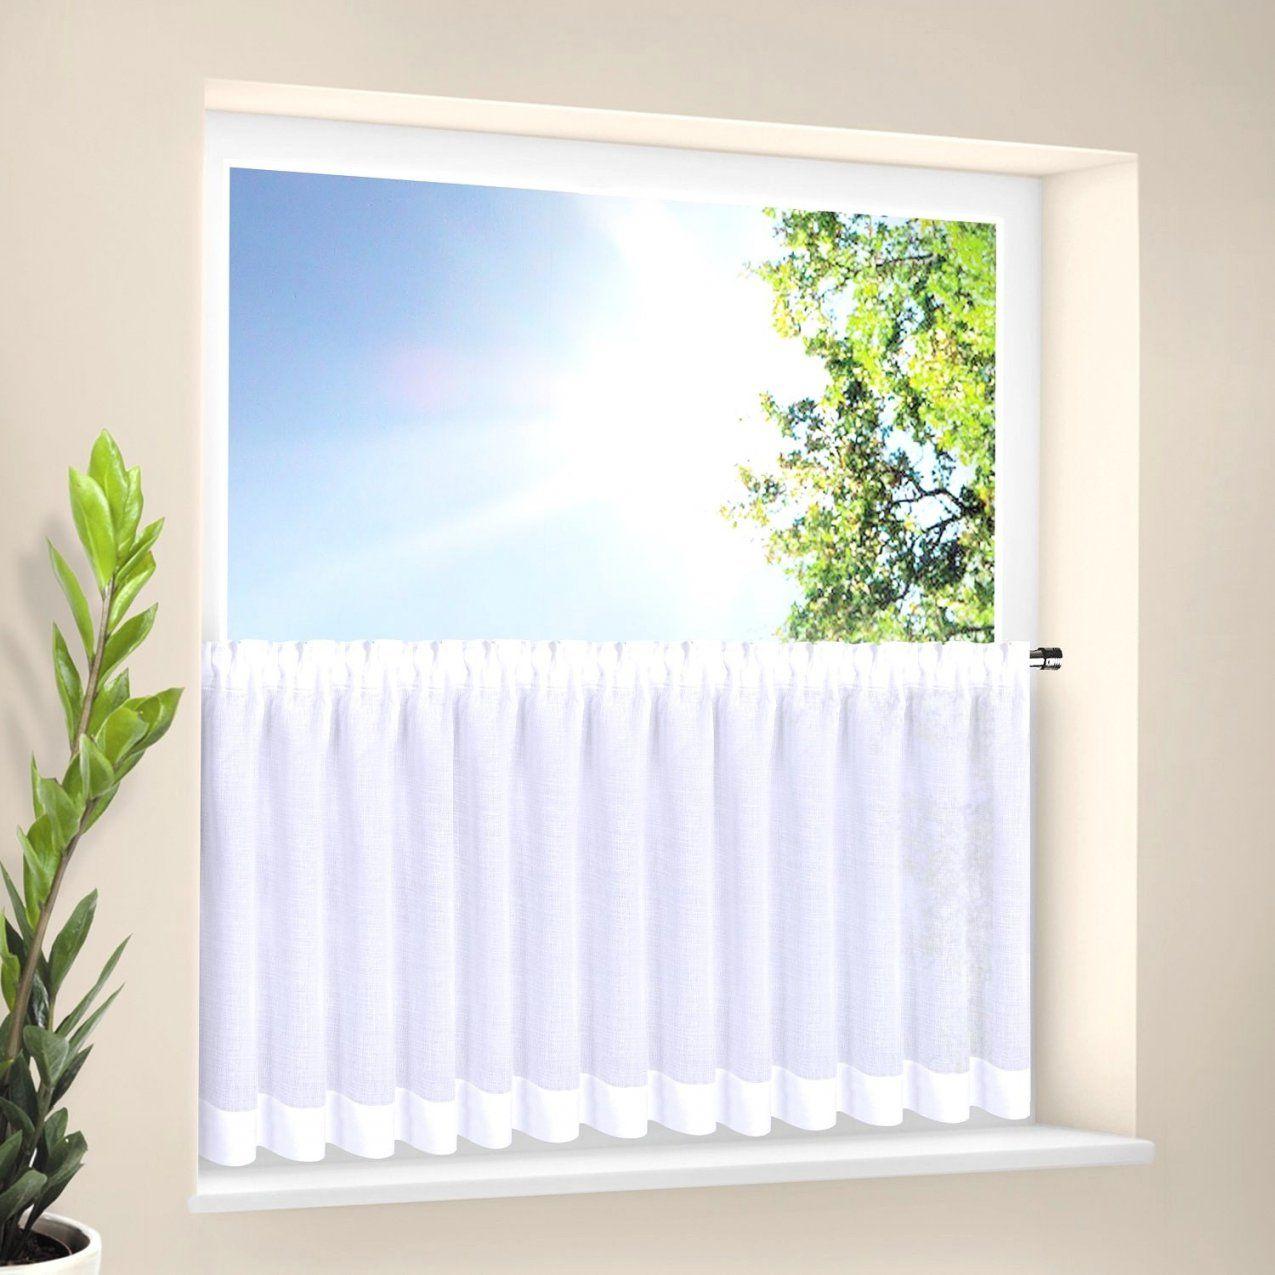 Gardinen Atemberaubend Gardinen Direkt Am Fenster Befestigen von Gardinen Anbringen Ohne Bohren Photo